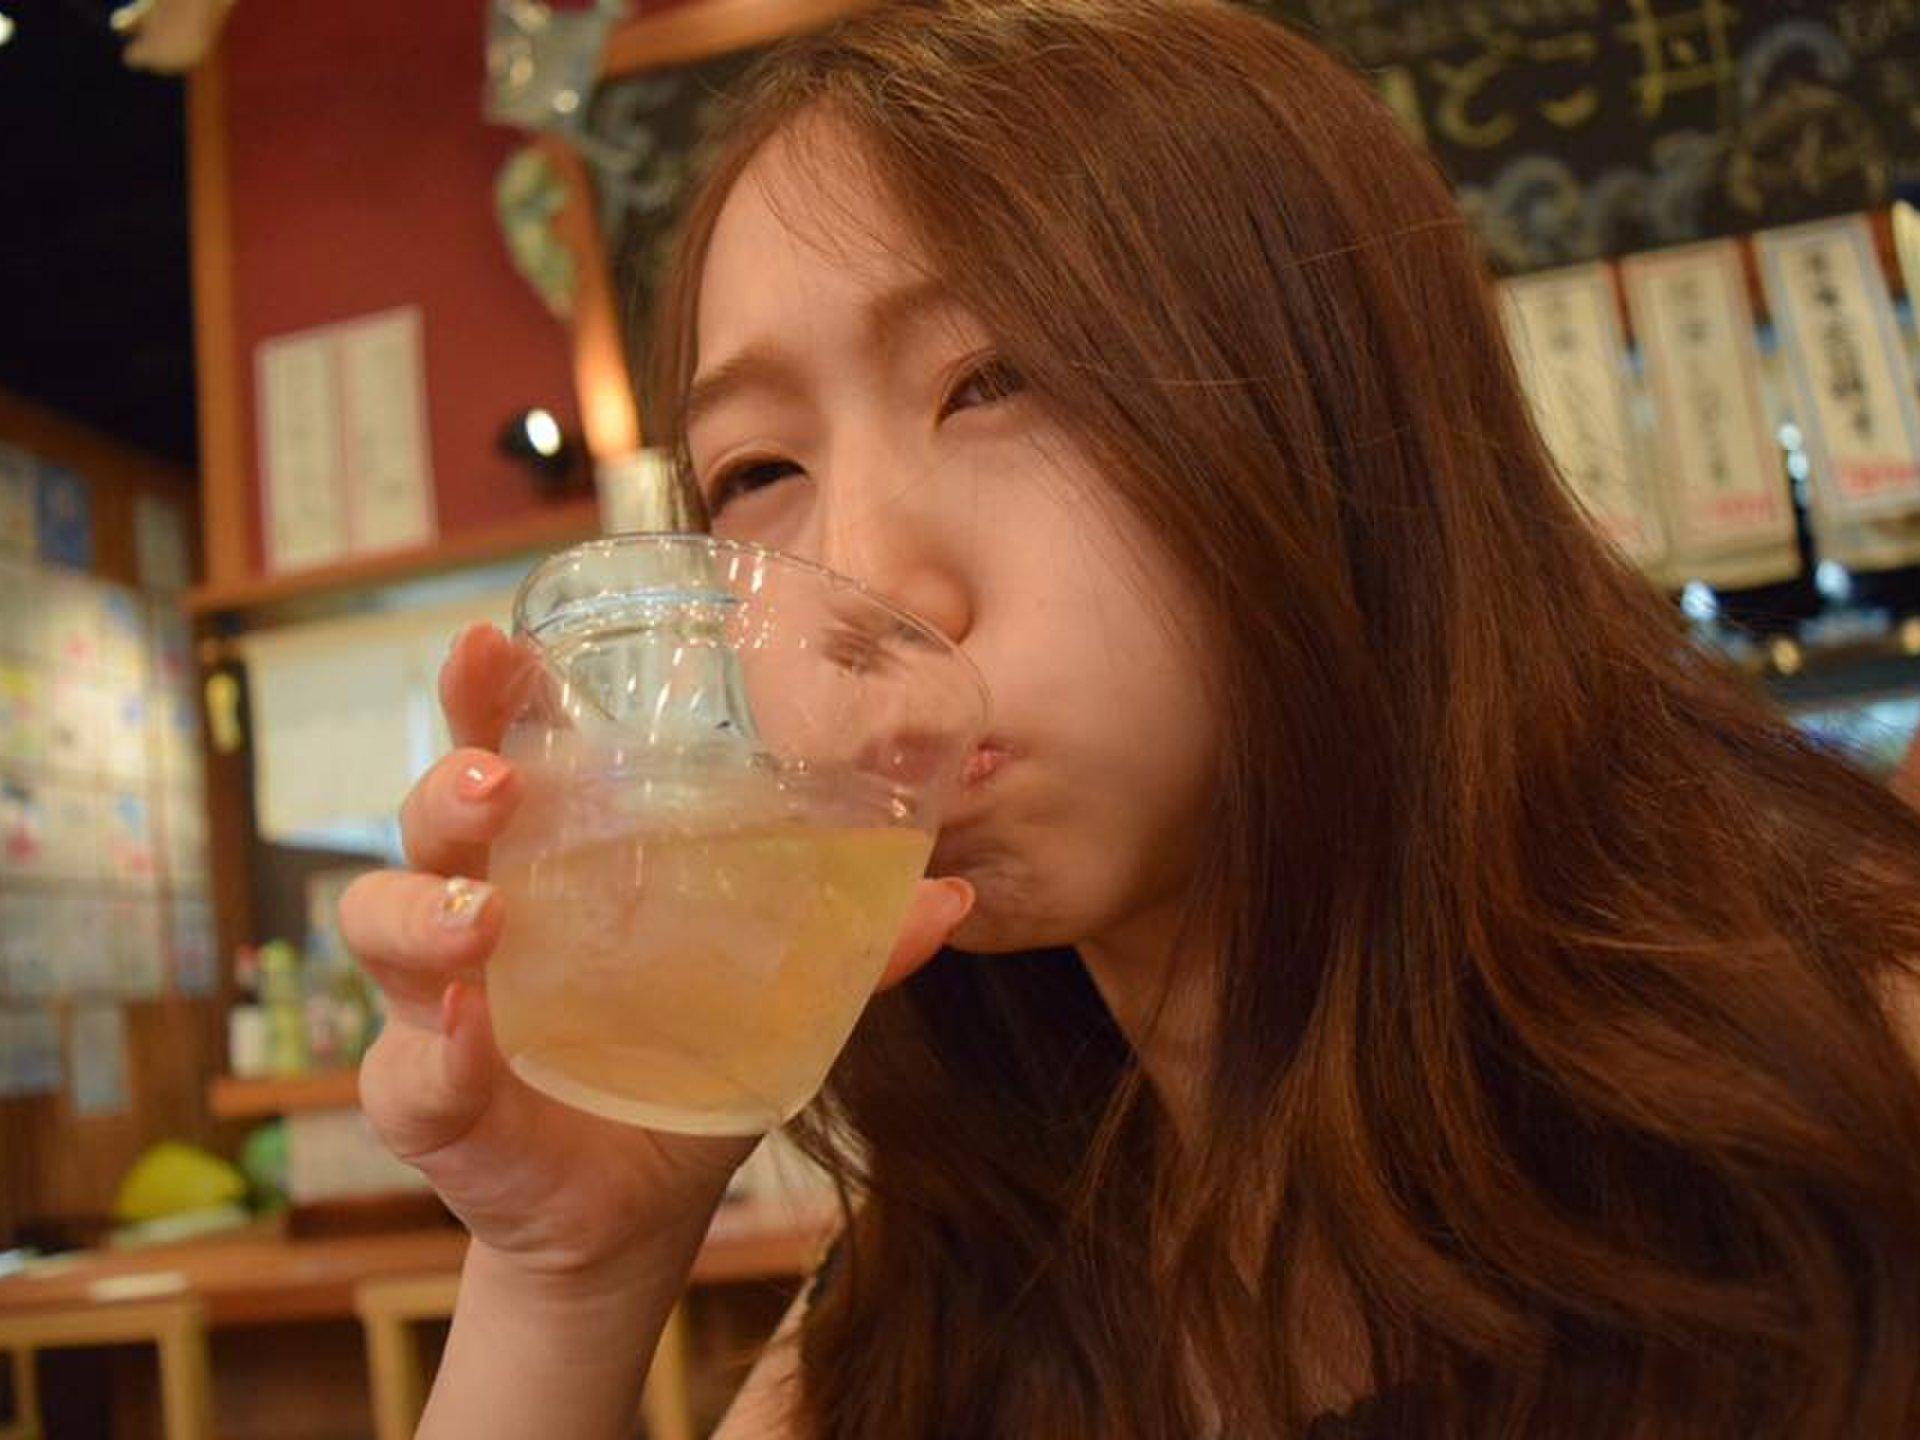 【渋谷】炭酸に合う食べ物はこれだ!おいしい料理&炭酸で気分爽快